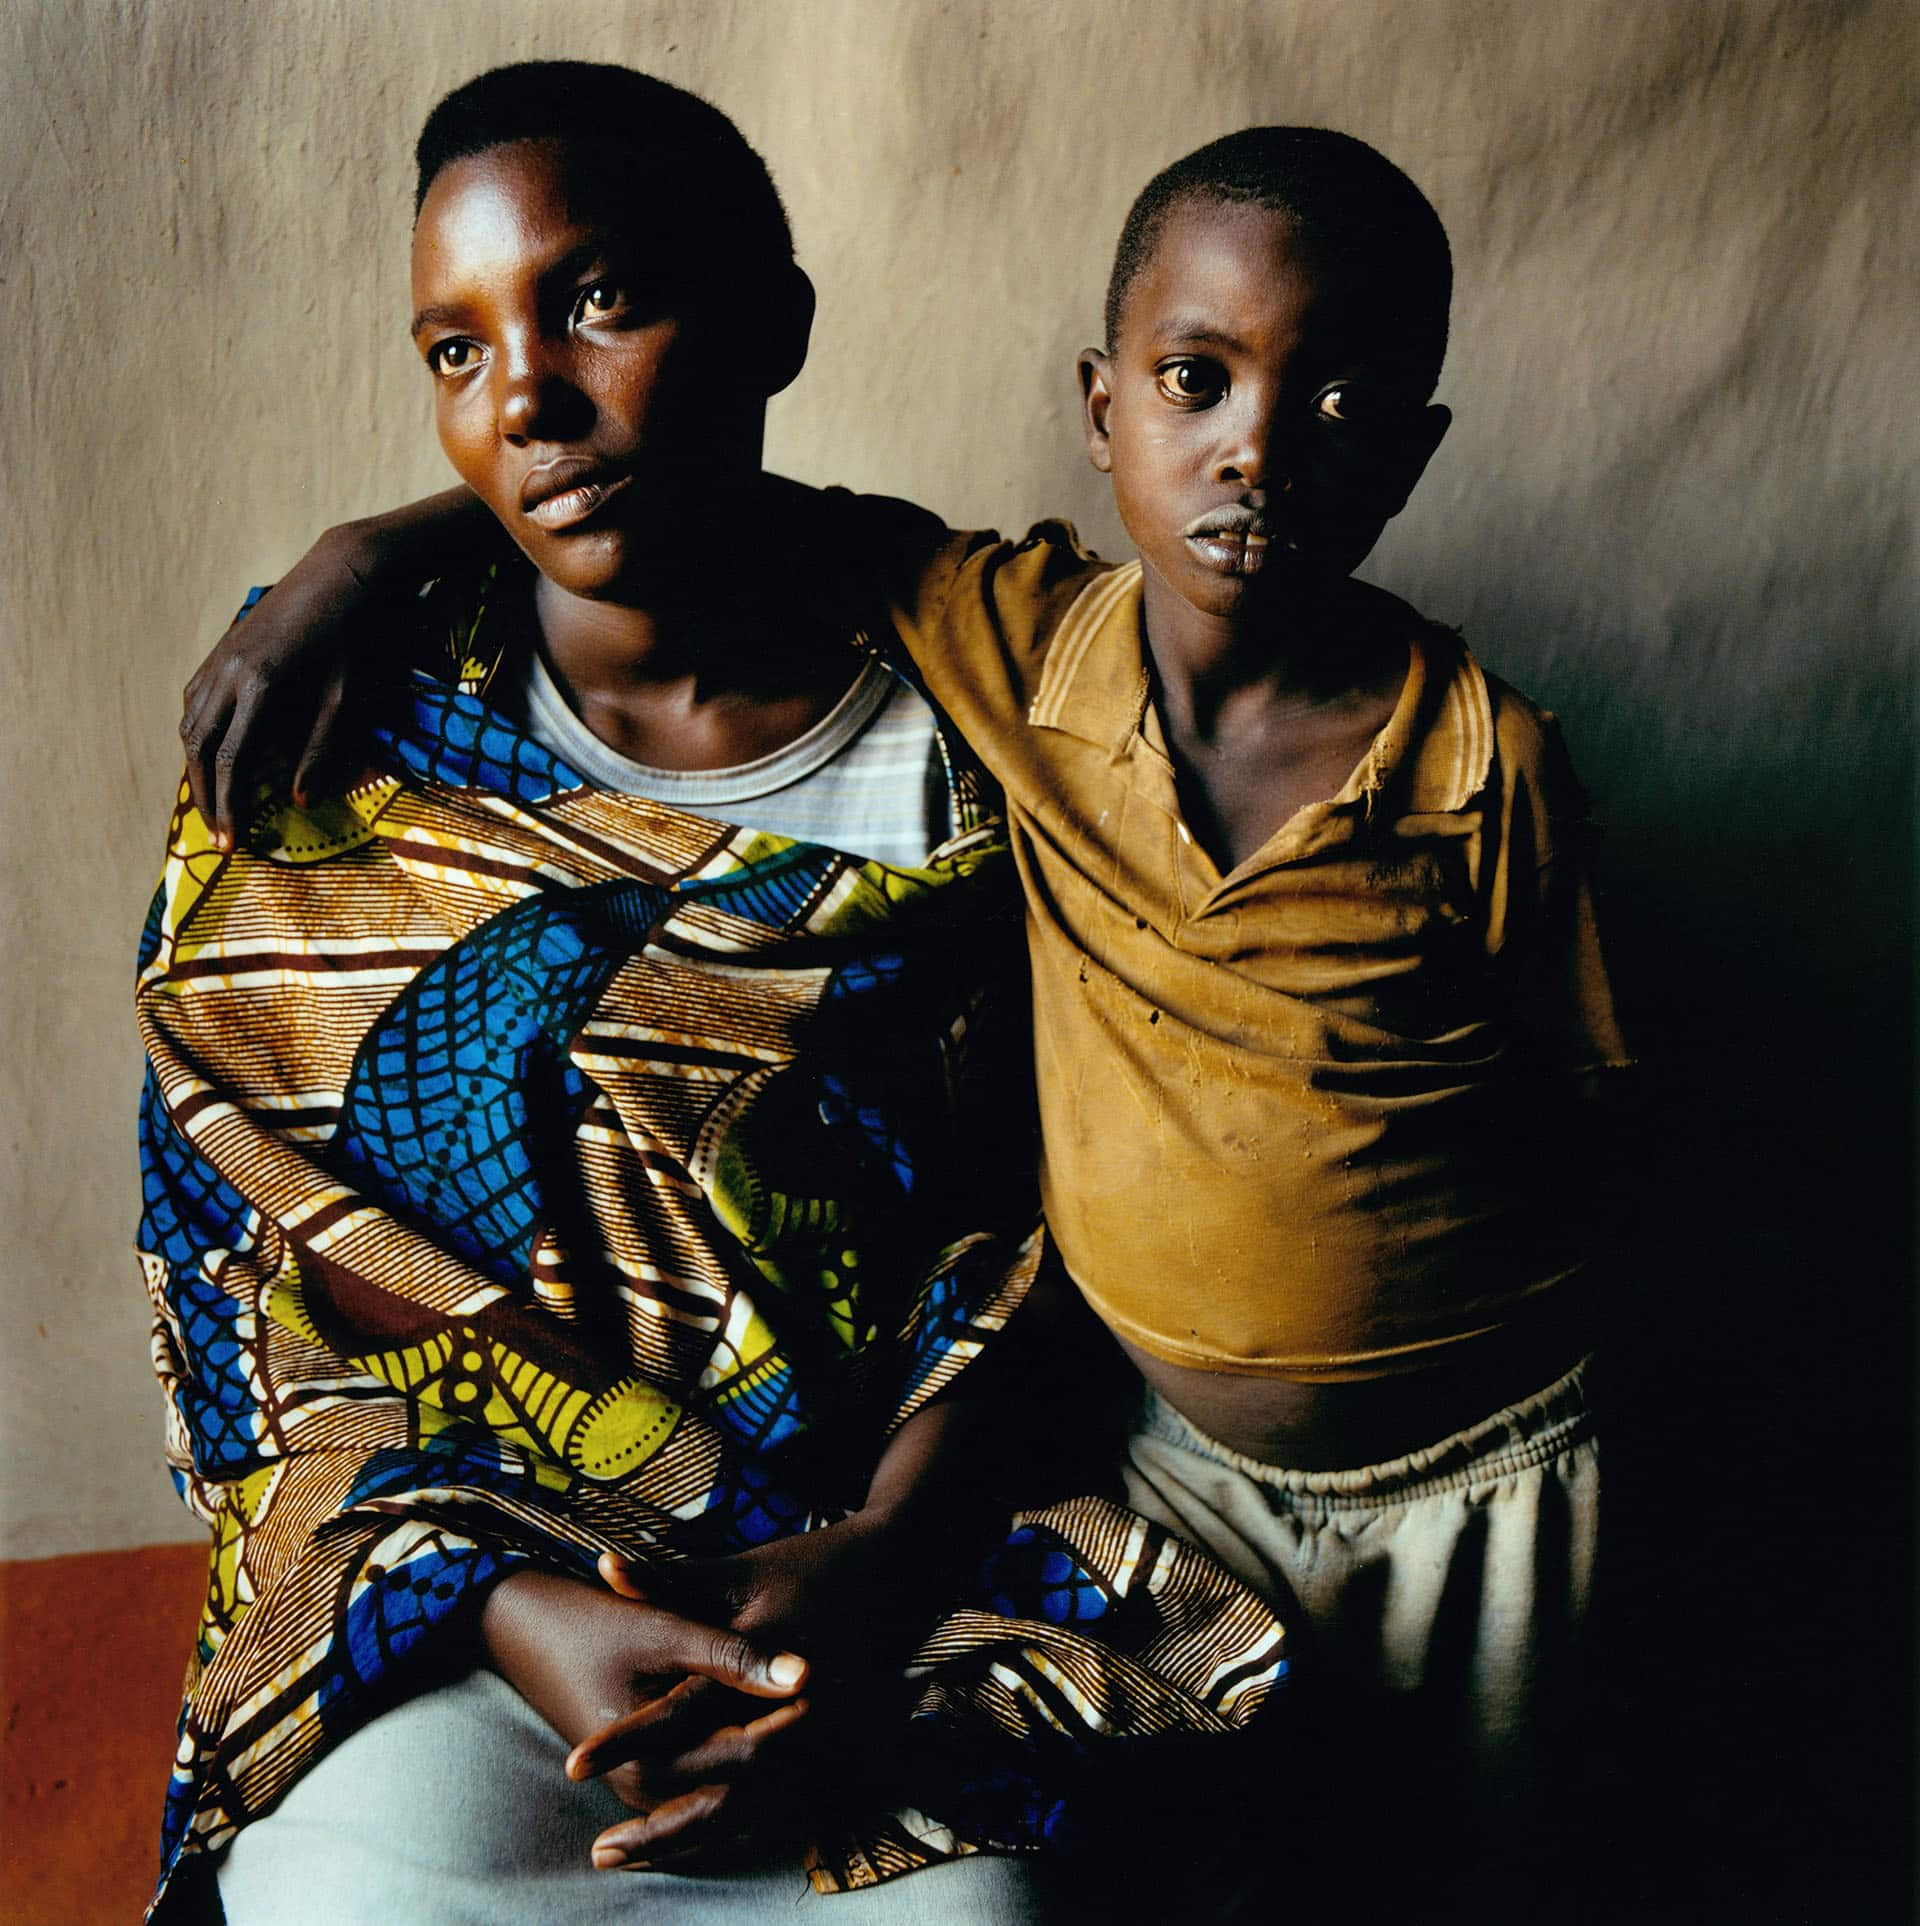 Josianne Ruyange (27), with her son Vedaste Ndikubwimana (11) Mwurire, Rwanda